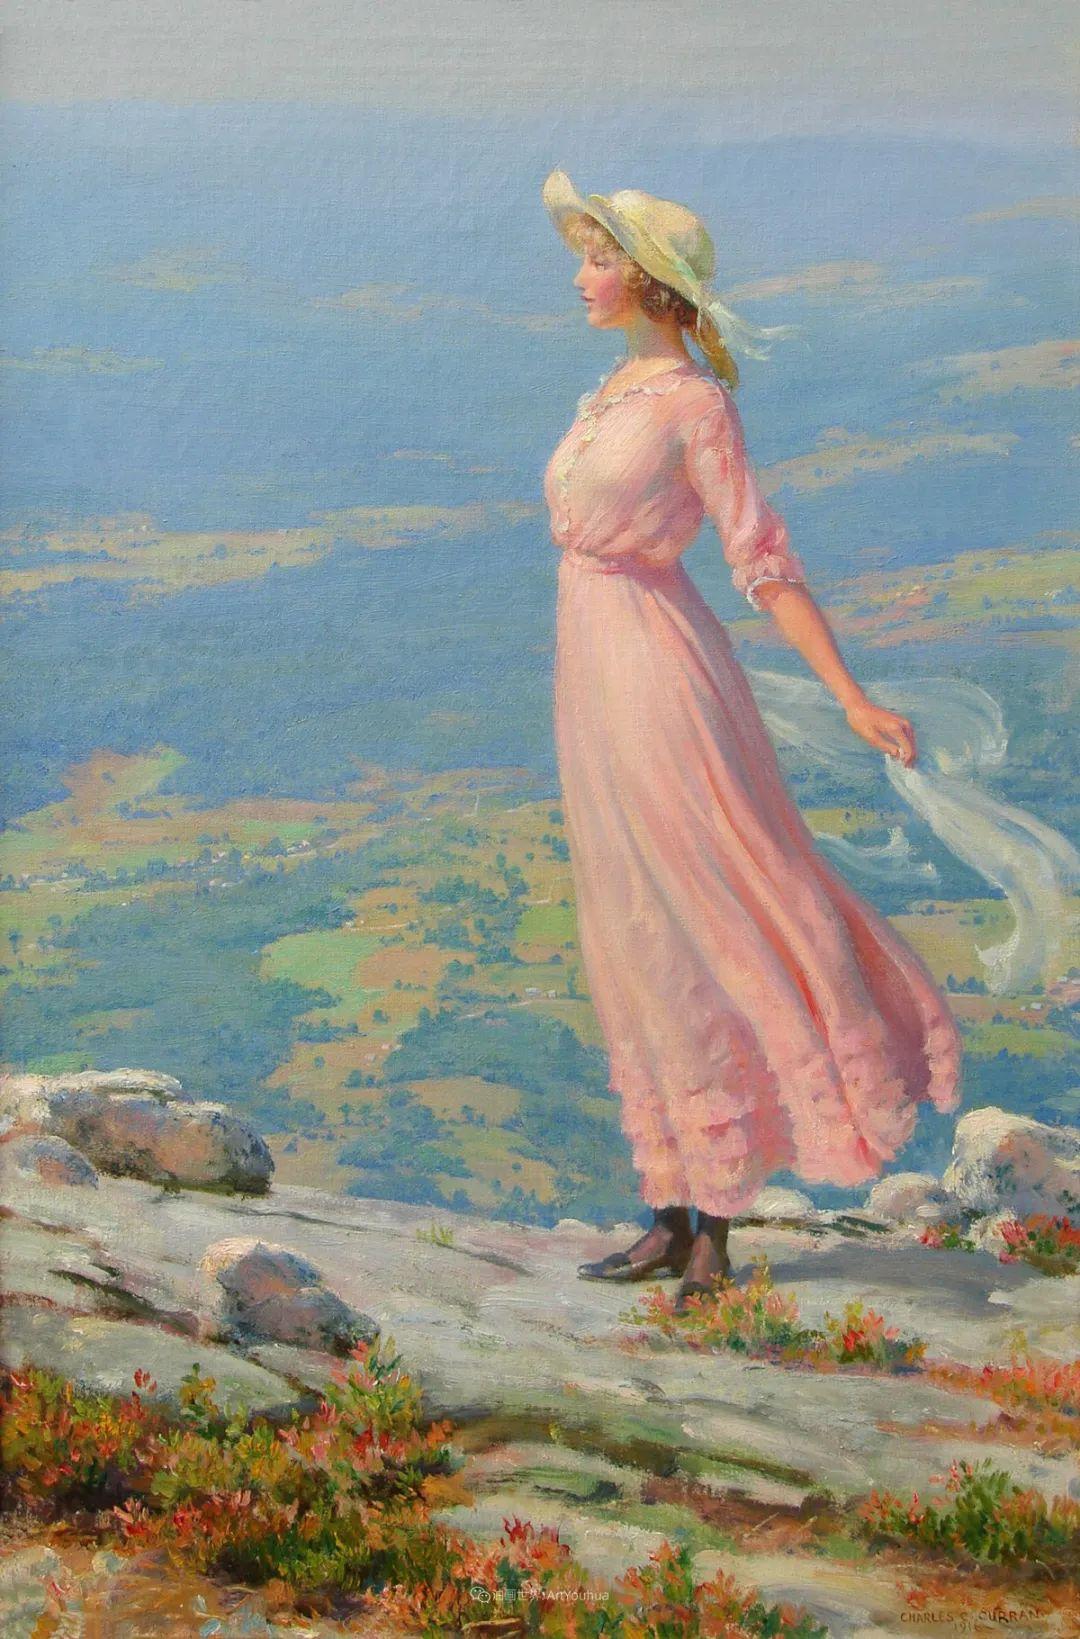 他画笔下的女人, 犹如春天的茉莉花, 清香、娇艳而不失典雅!插图41